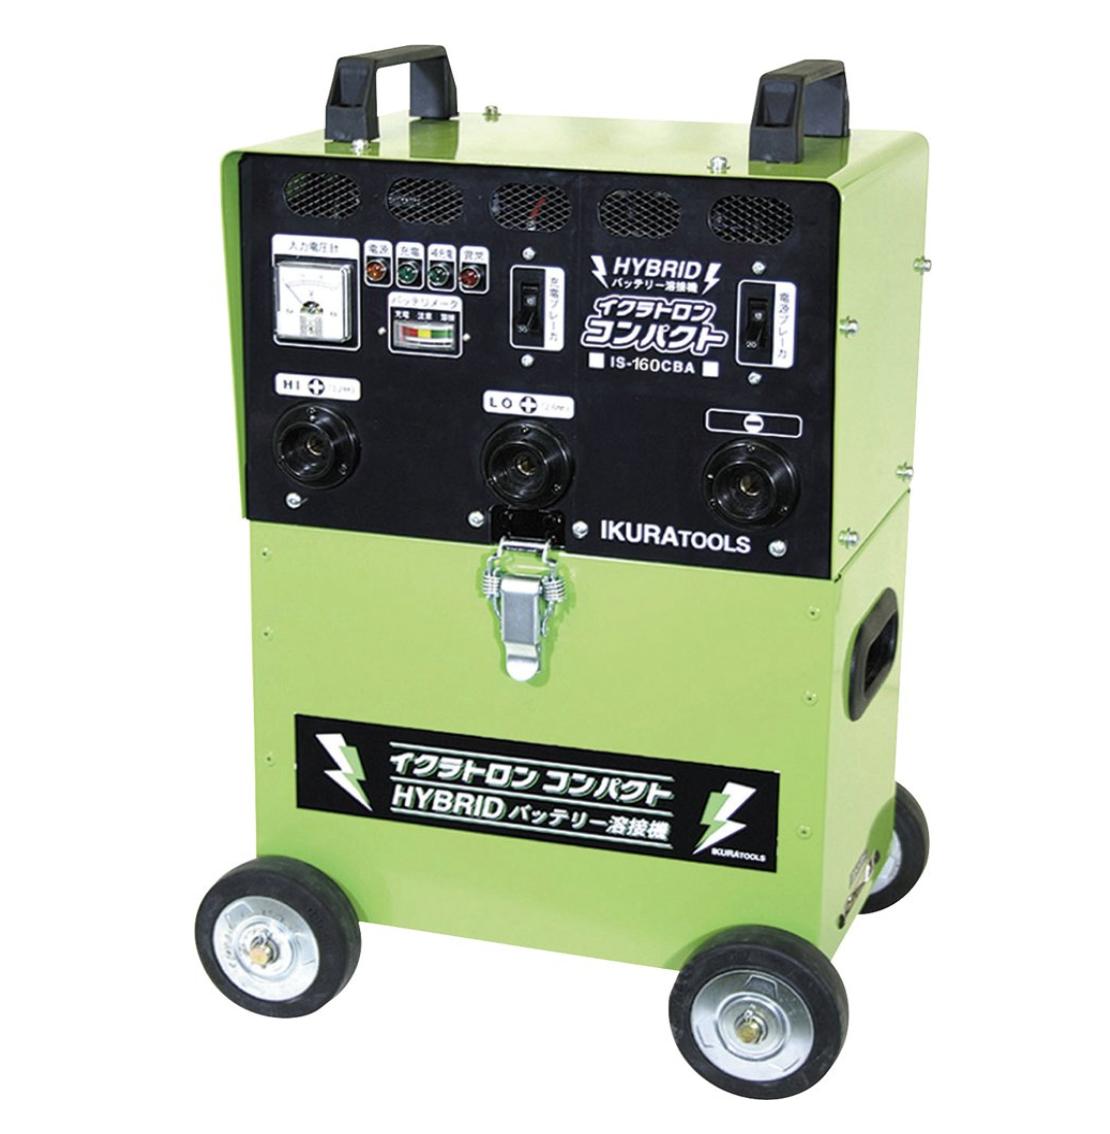 バッテリー溶接機のおすすめ人気ランキング15選【バッテリーの